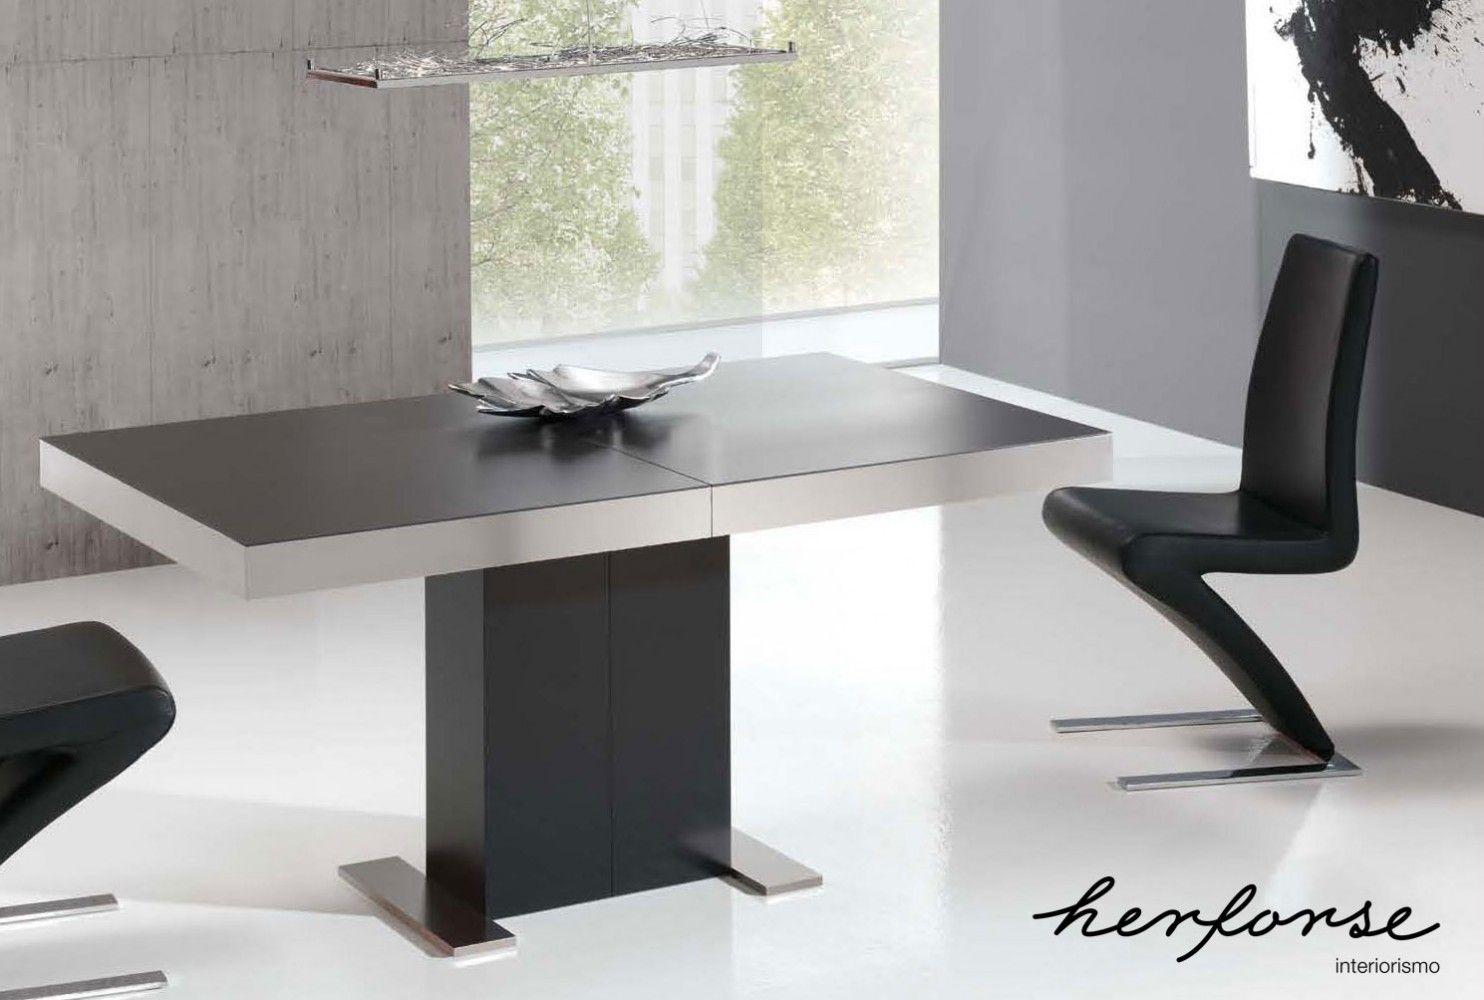 Mesa de comedor de vidrio buscar con google comedor - Mesa comedor vidrio ...